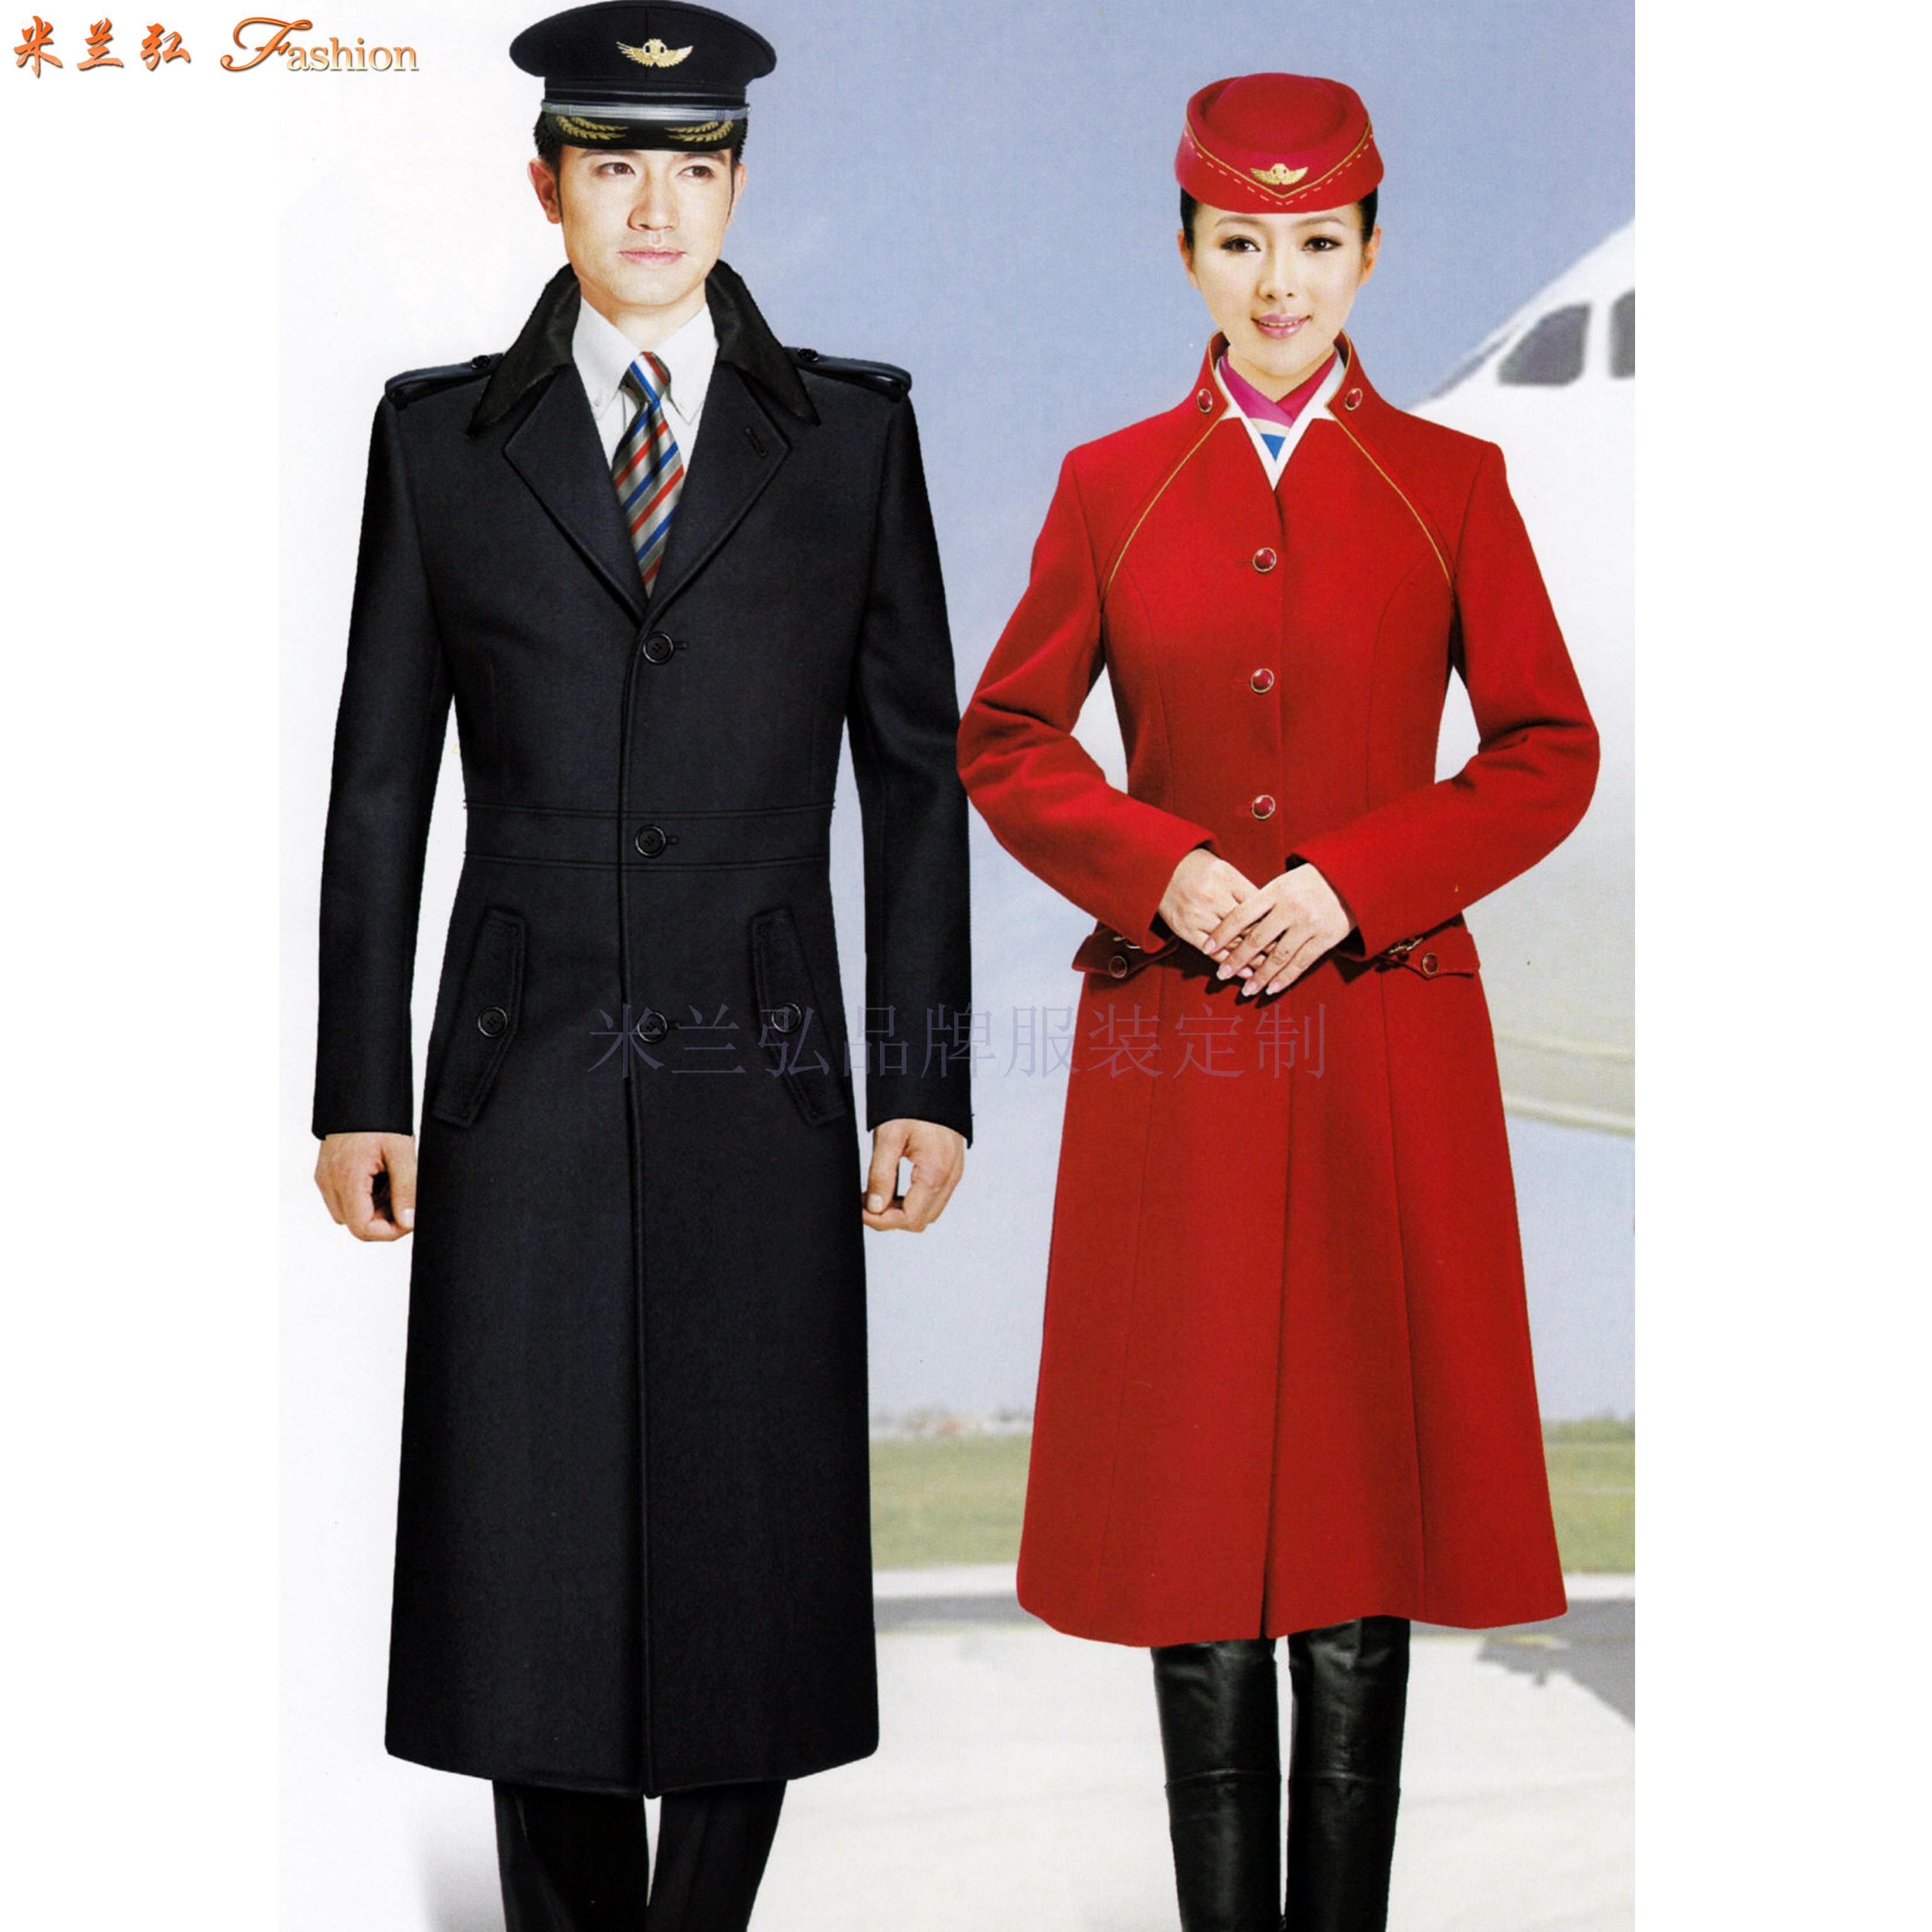 「航空高鐵大衣」采購批發市場優質高鐵大衣價格品牌廠商_米蘭弘-6